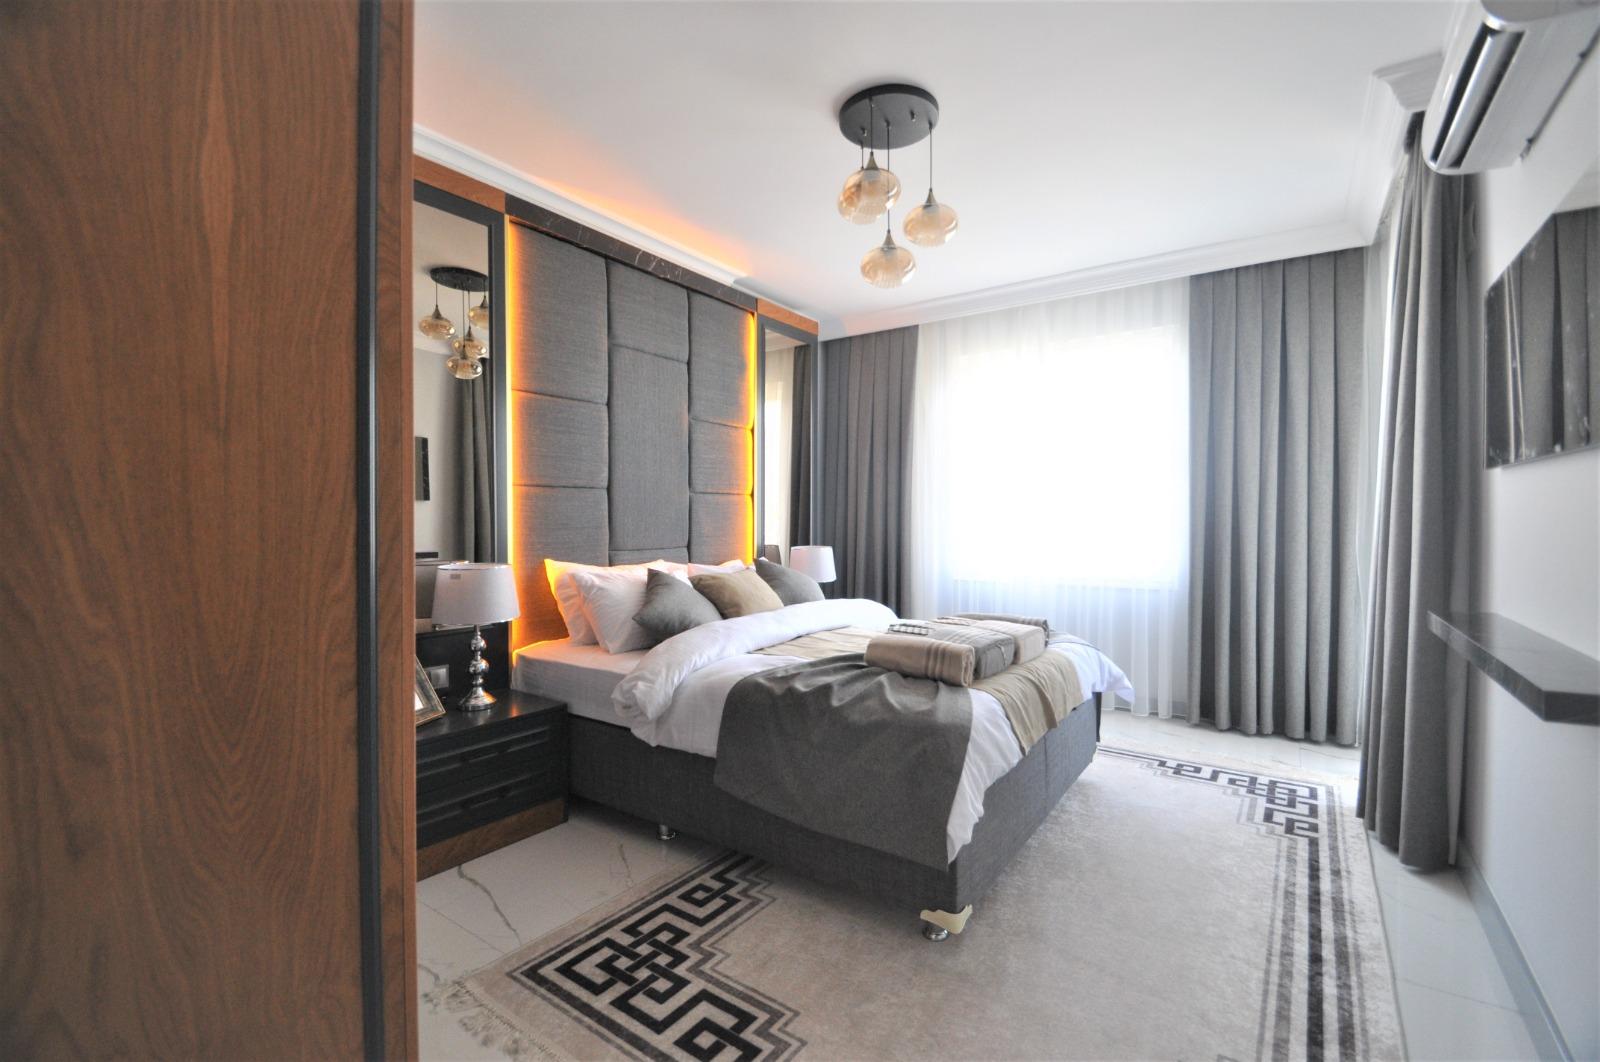 Просторная трёхкомнатная квартира с мебелью в Тосмуре - Фото 28